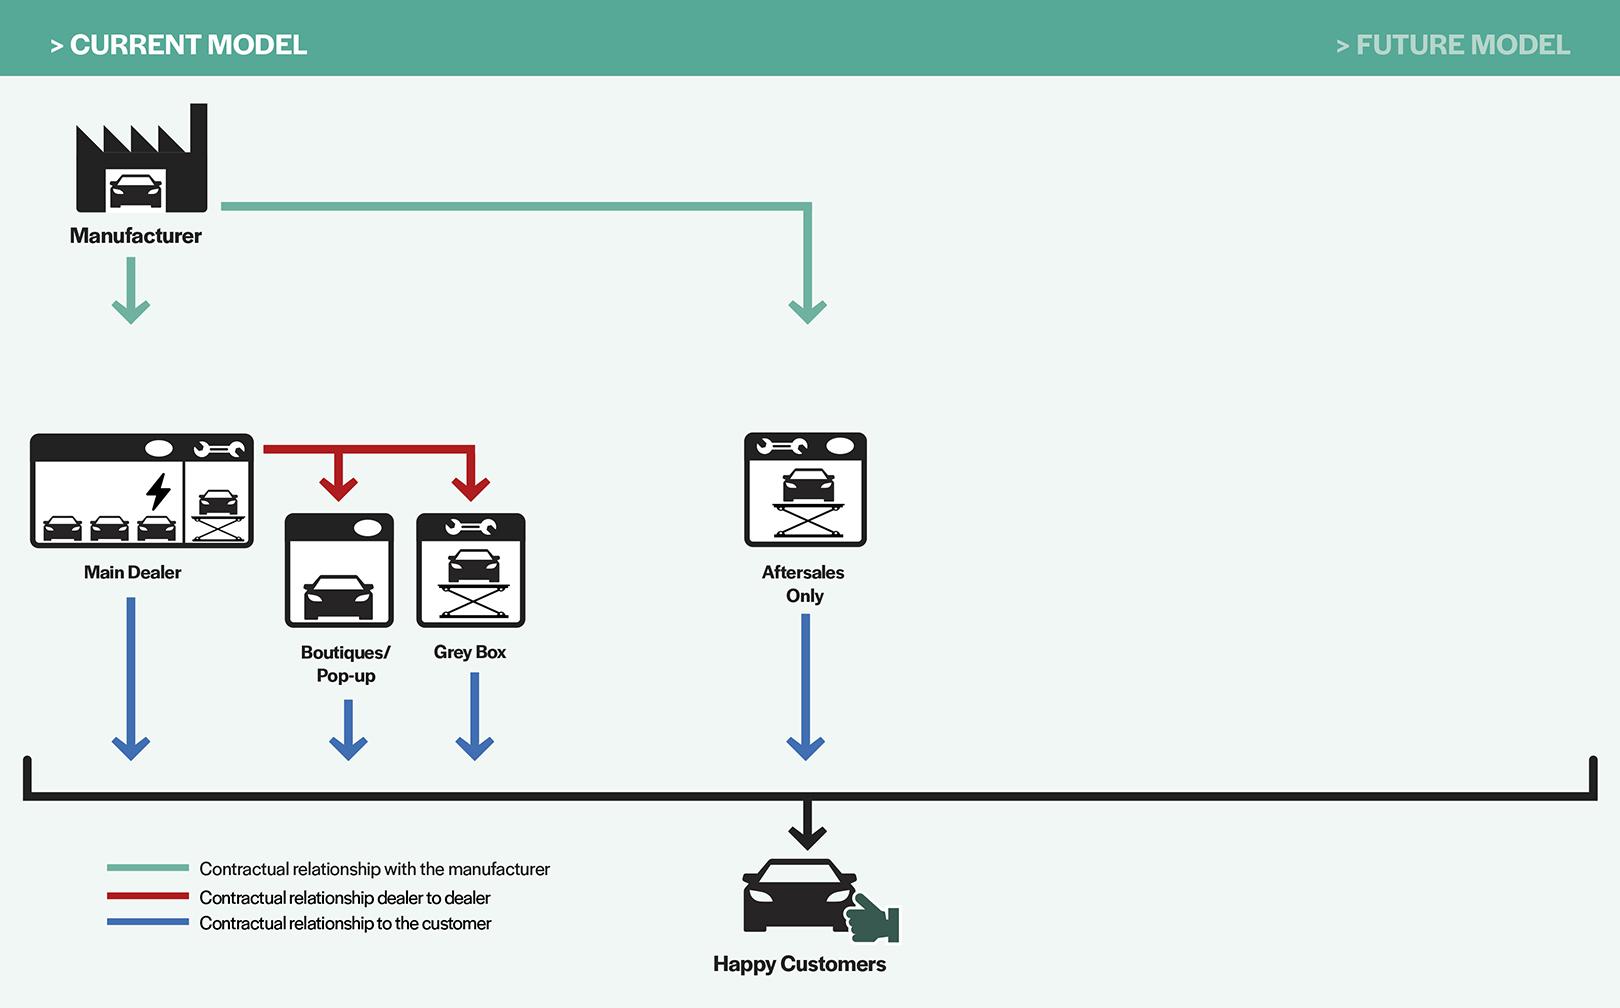 Current Distribution Models